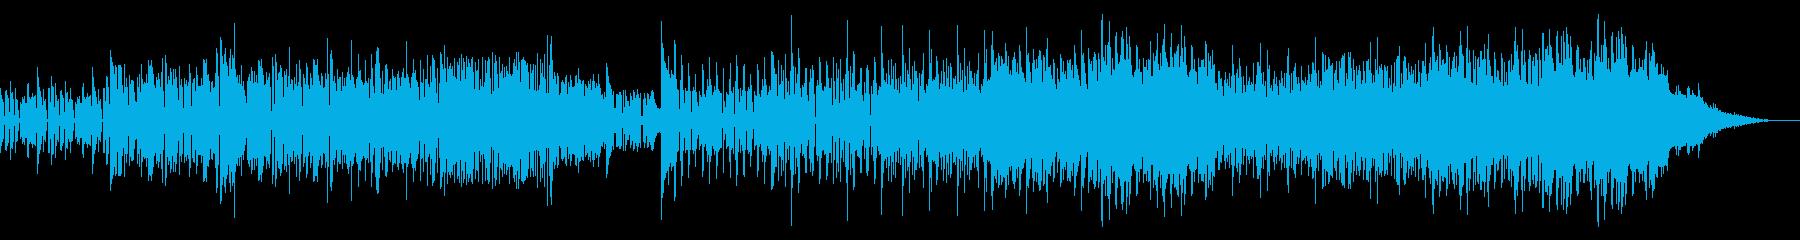 潜入サスペンス風の不気味なビートの再生済みの波形